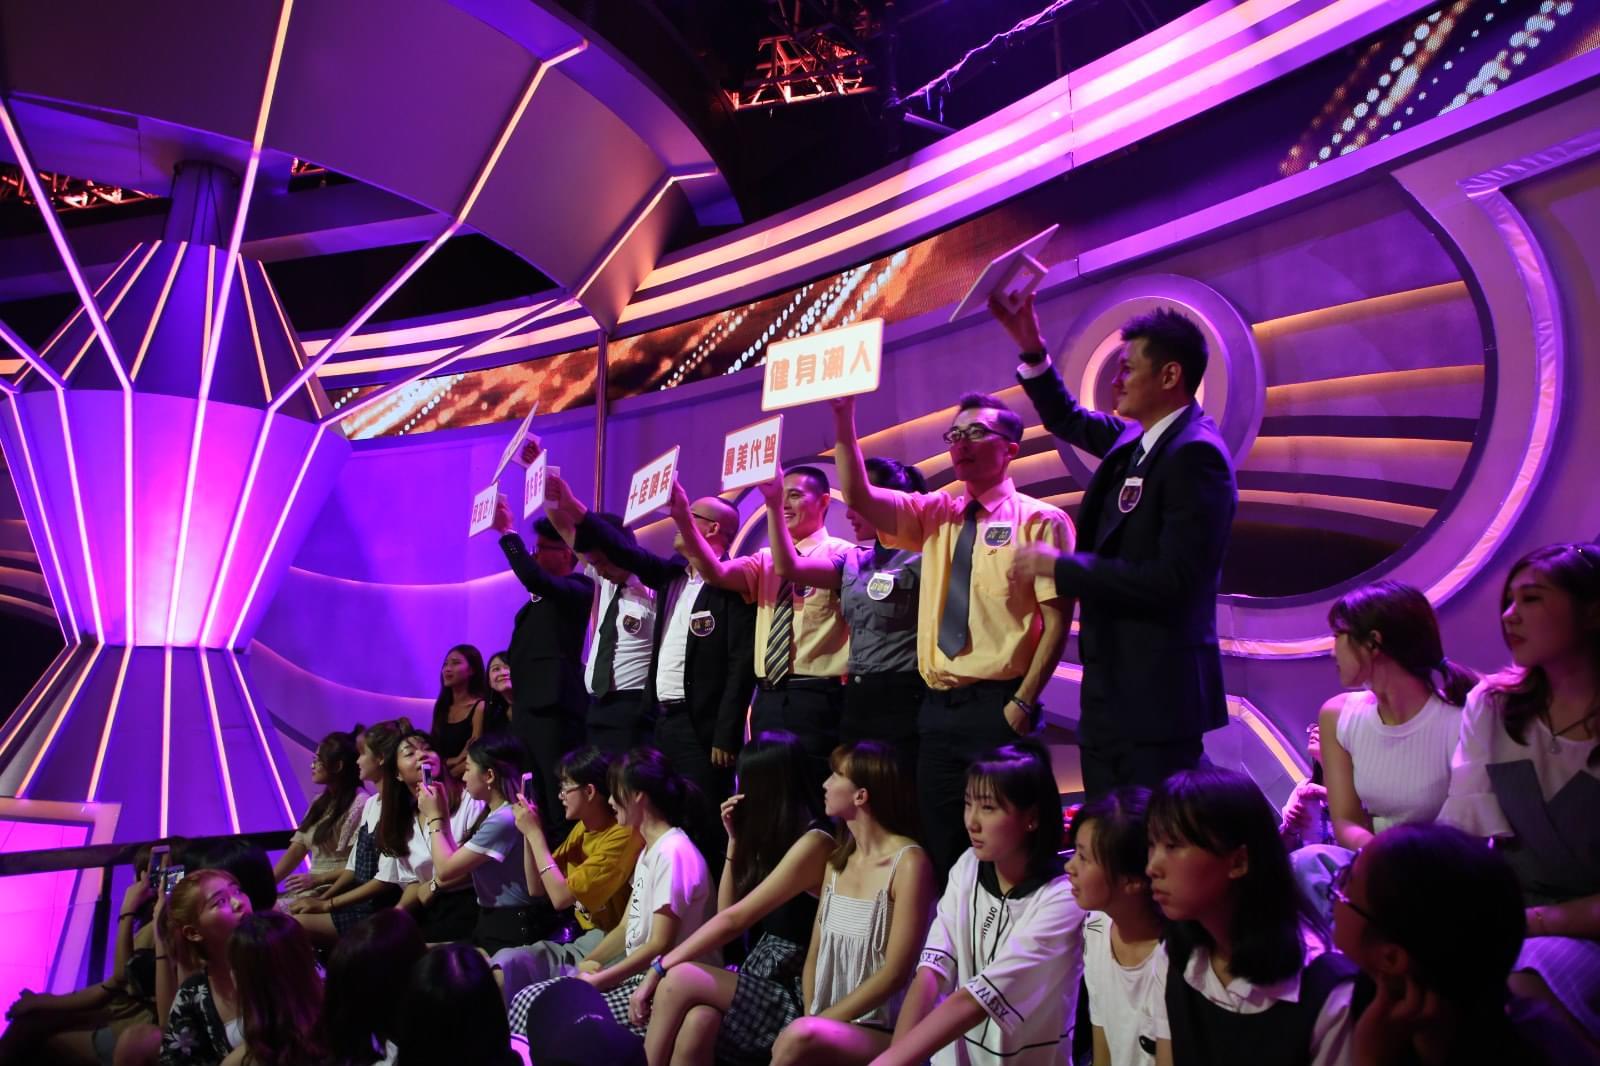 《芝麻开门》吴磊郑恺等多位明星大咖组团出题